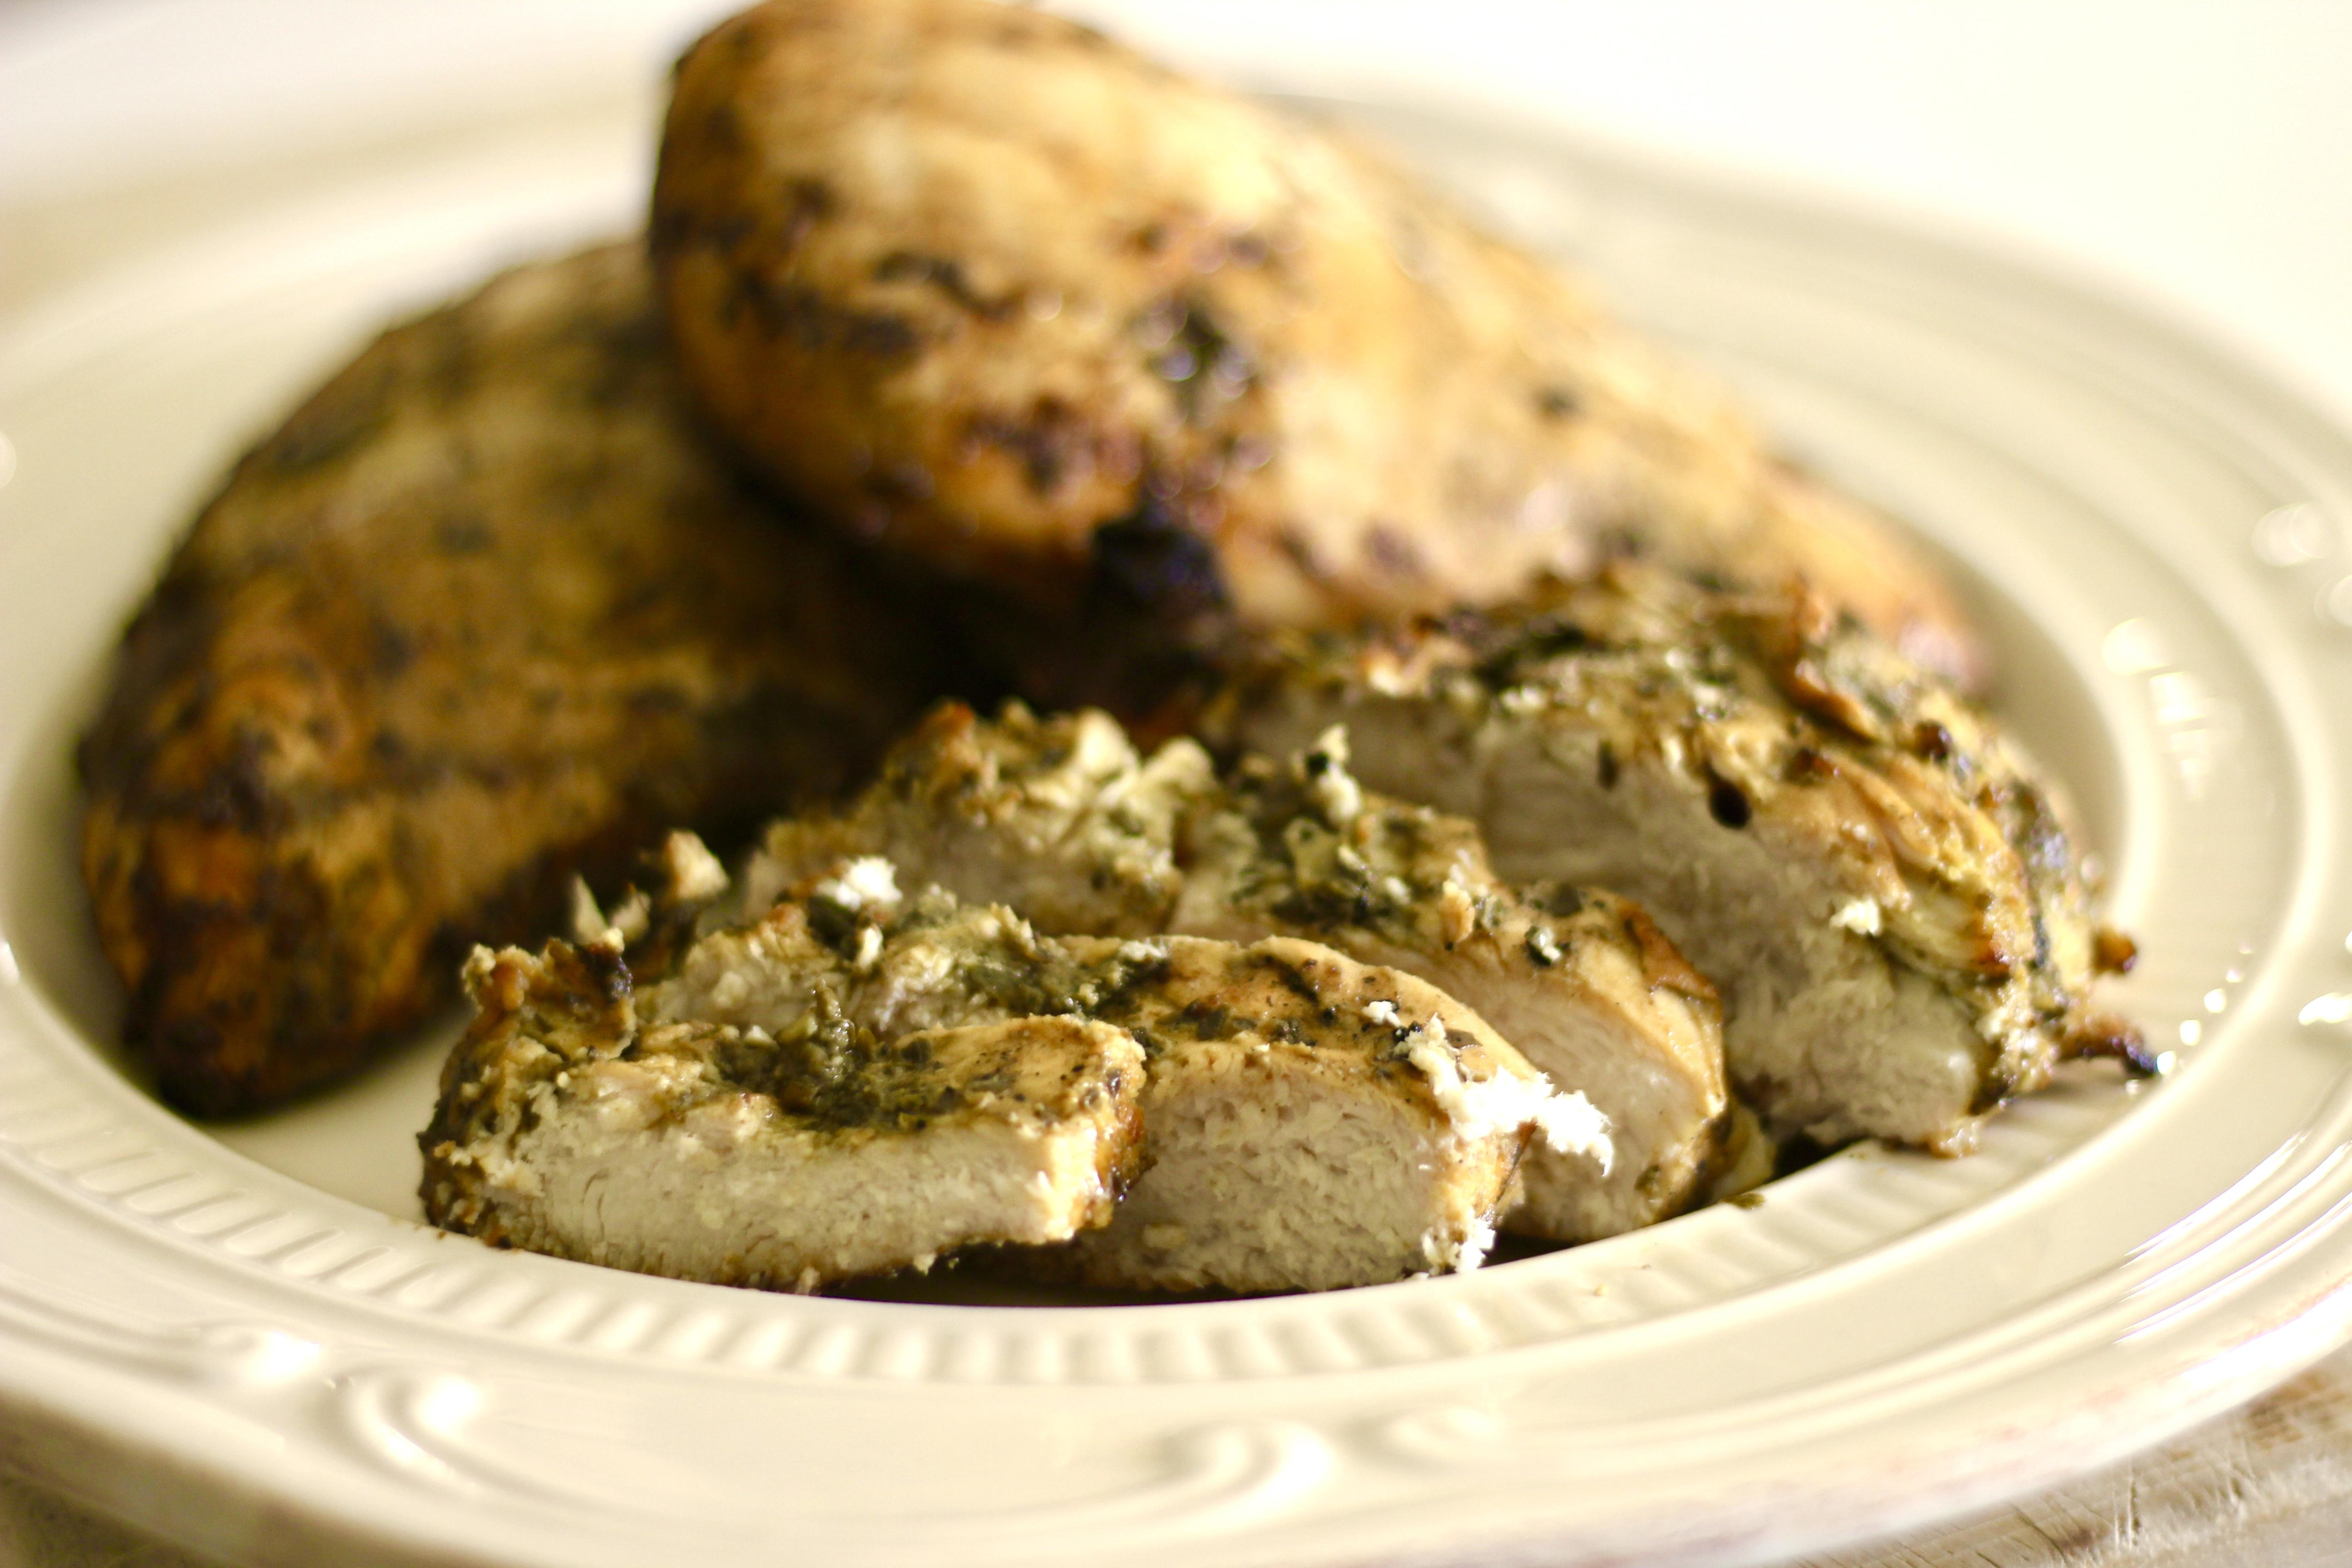 Grilled Pesto-Marinated Chicken SunnyDaysNora